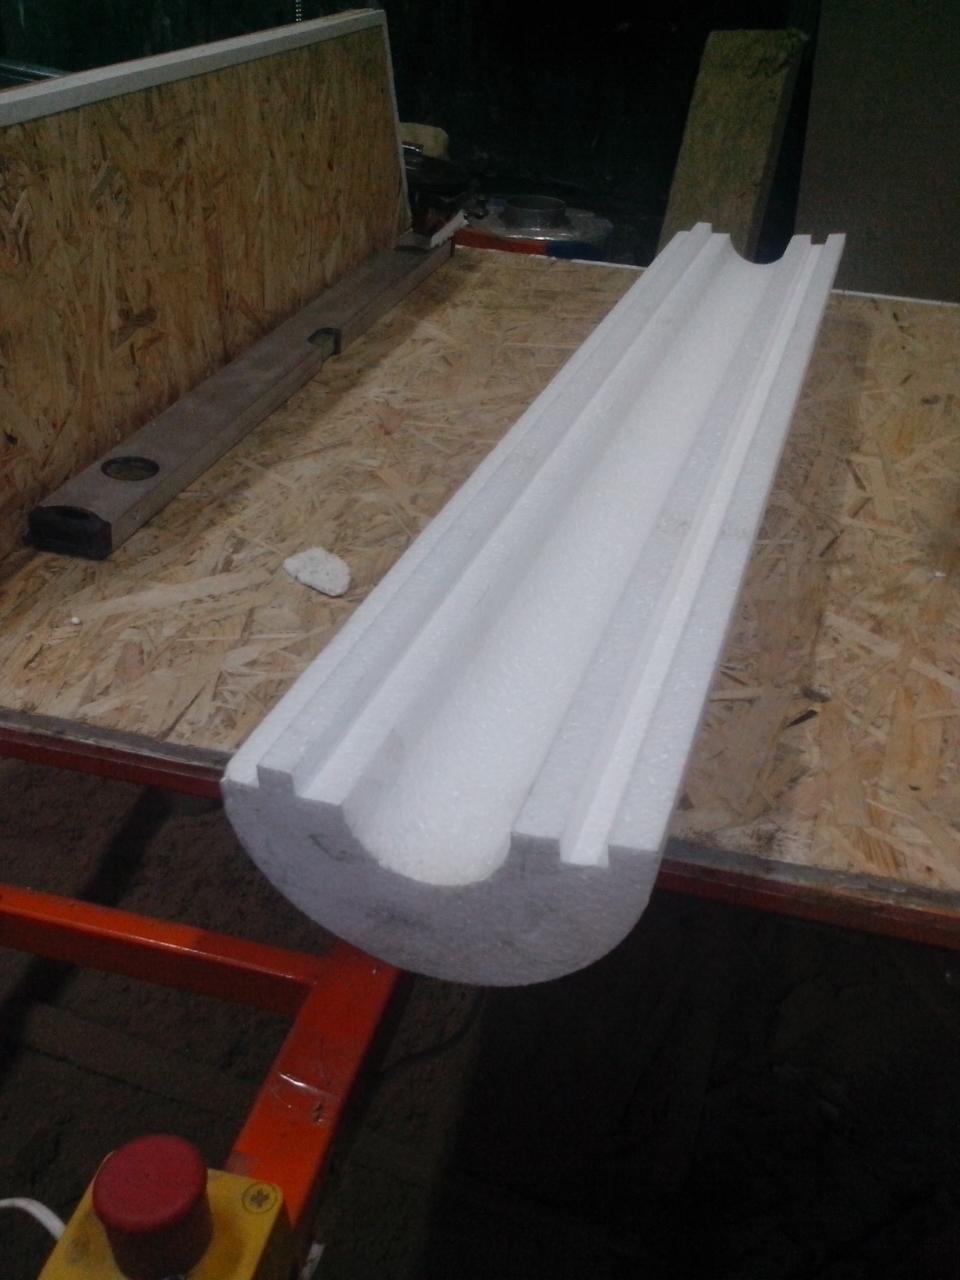 Утеплитель из пенопласта (пенополистирола) для труб Ø 127 мм толщиной 90 мм